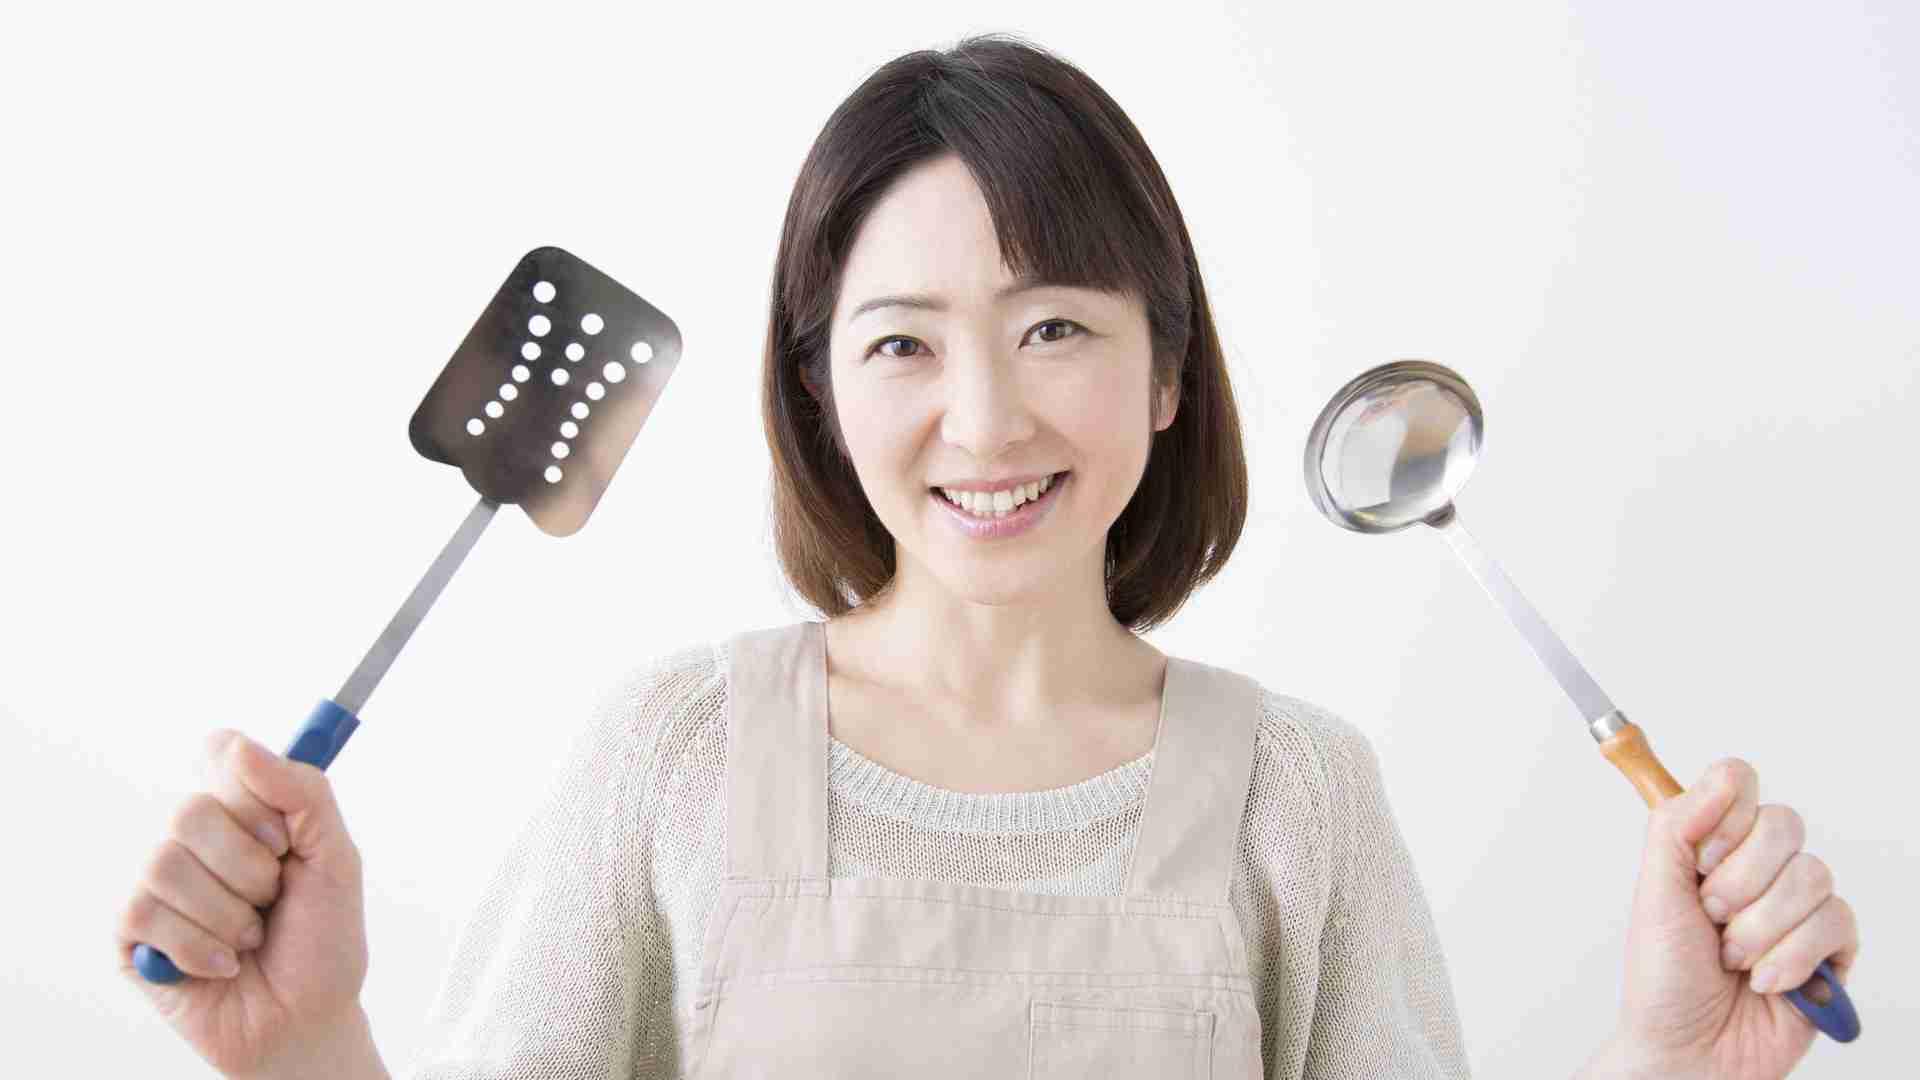 専業主婦は2億円損をする(橘玲) - 個人 - Yahoo!ニュース